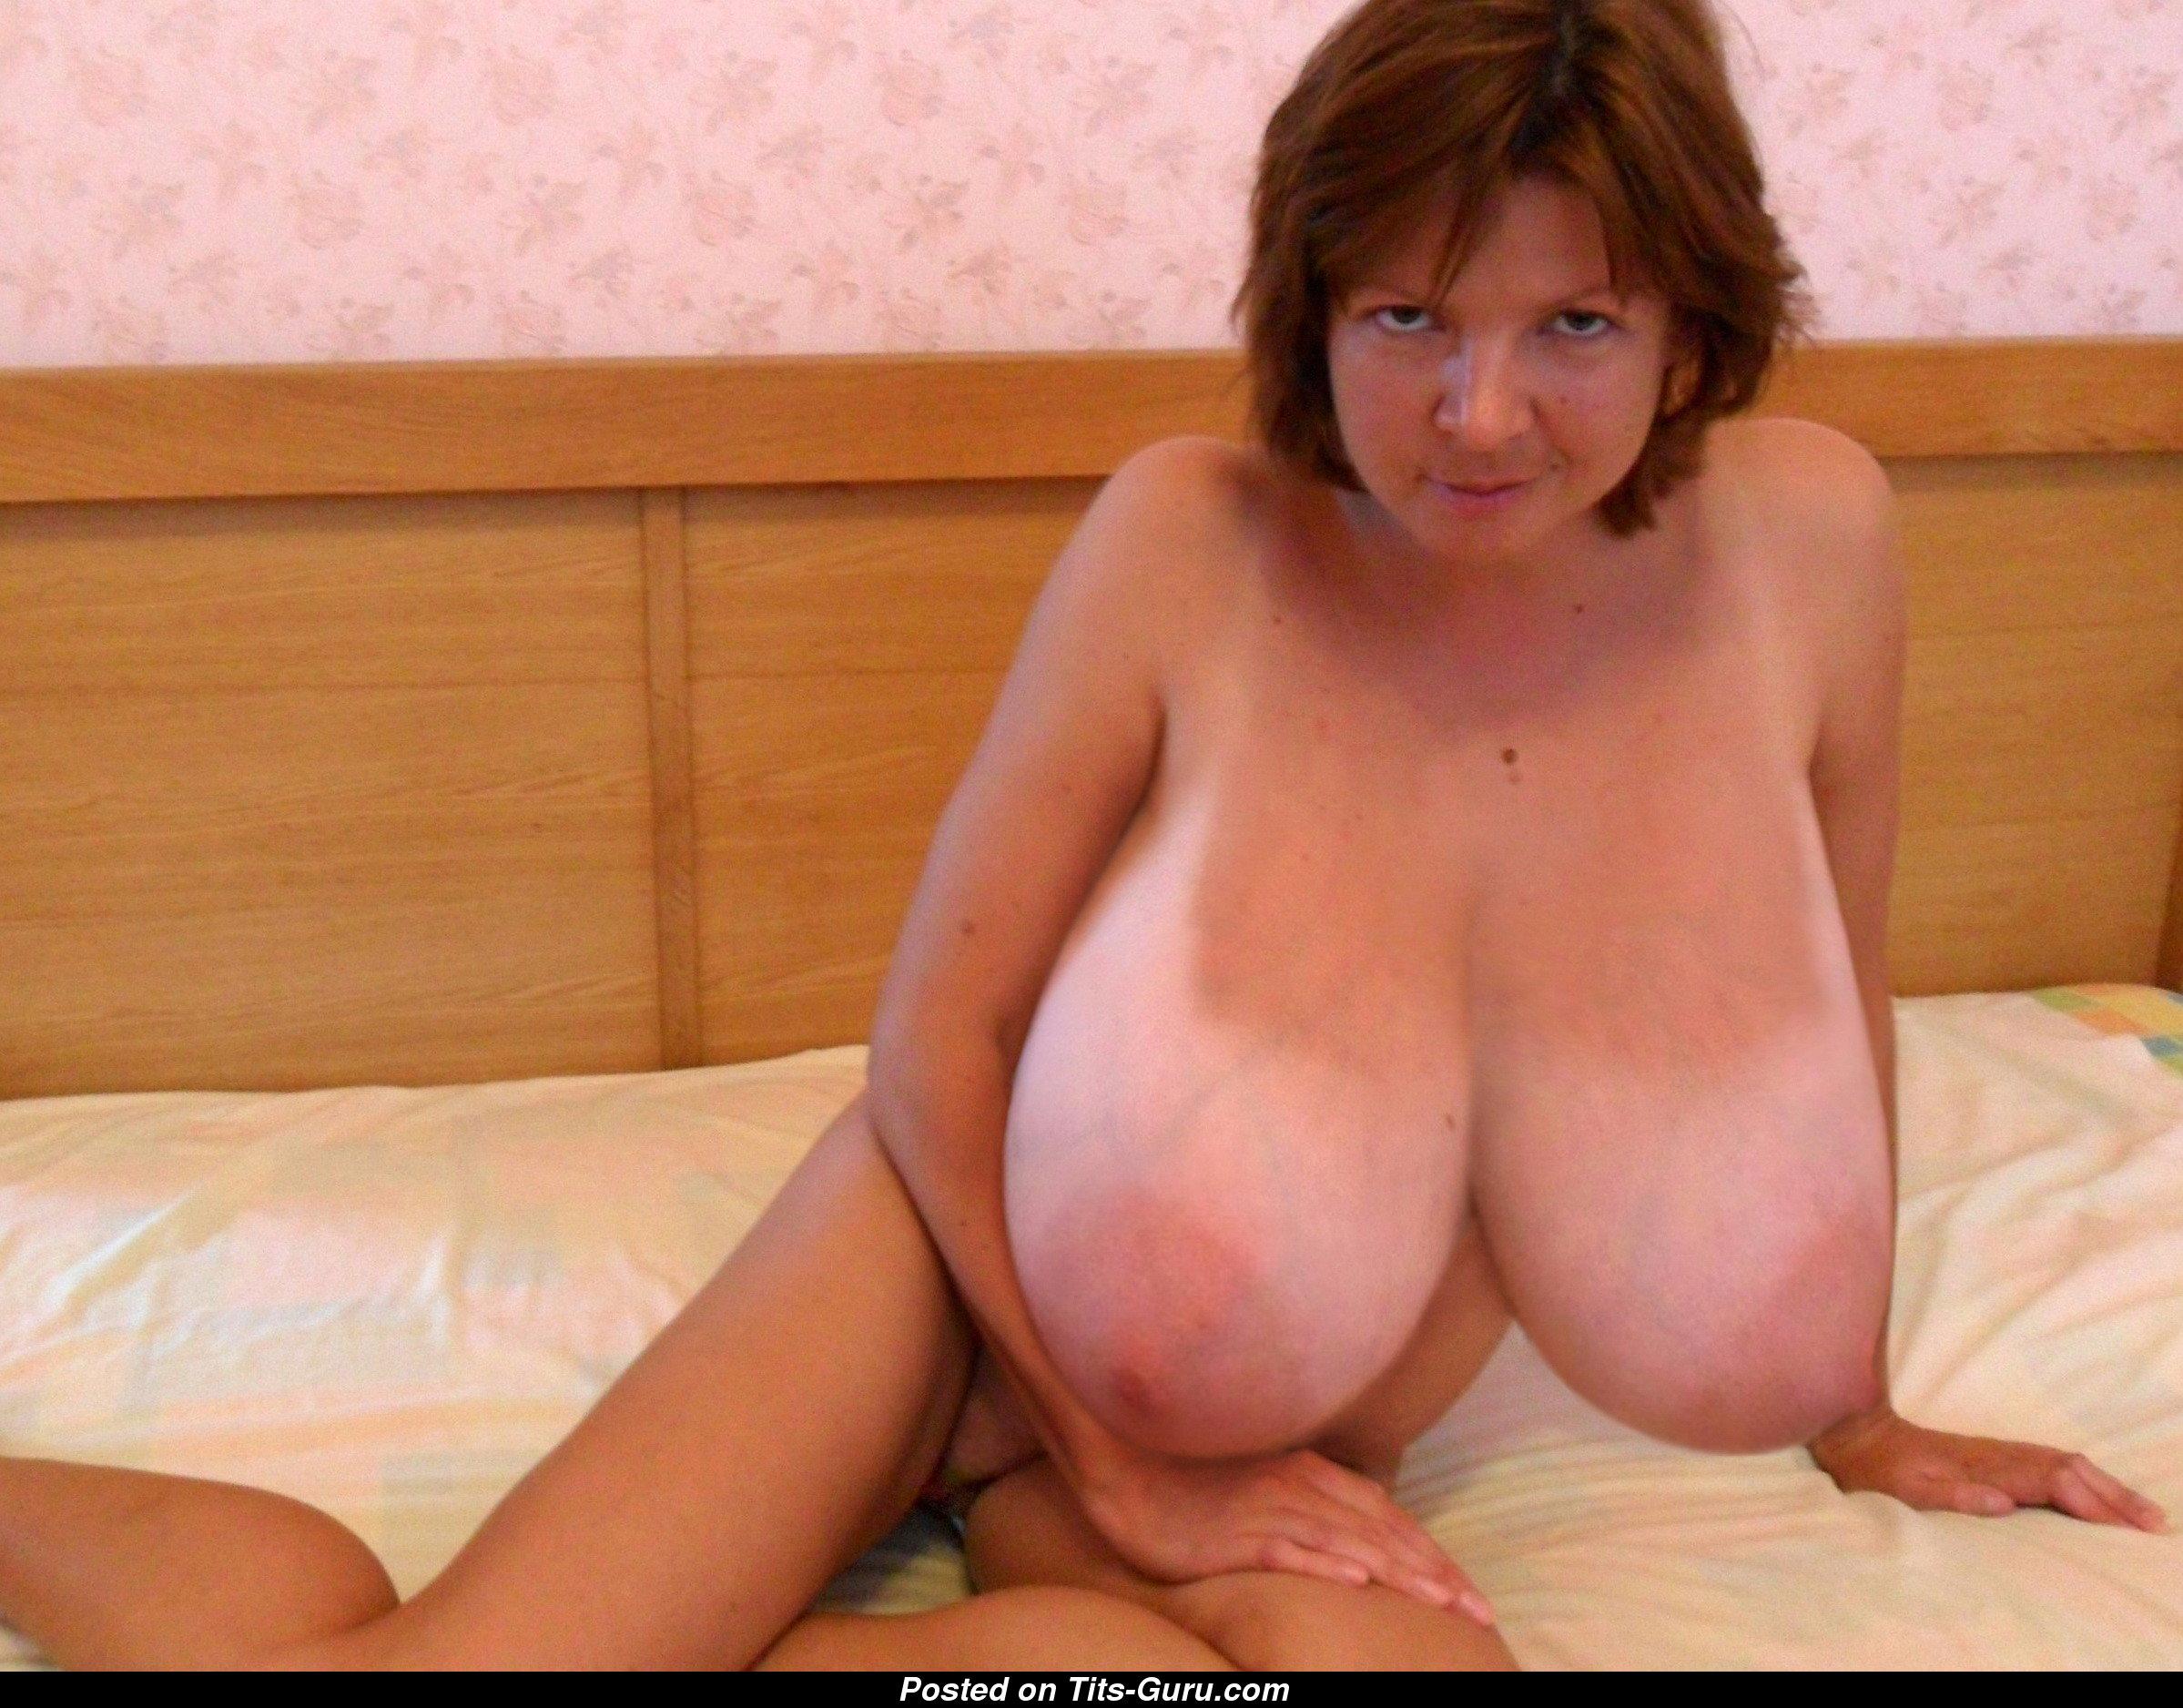 Зрелые бабы  голые бабенки  эро фото онлайн